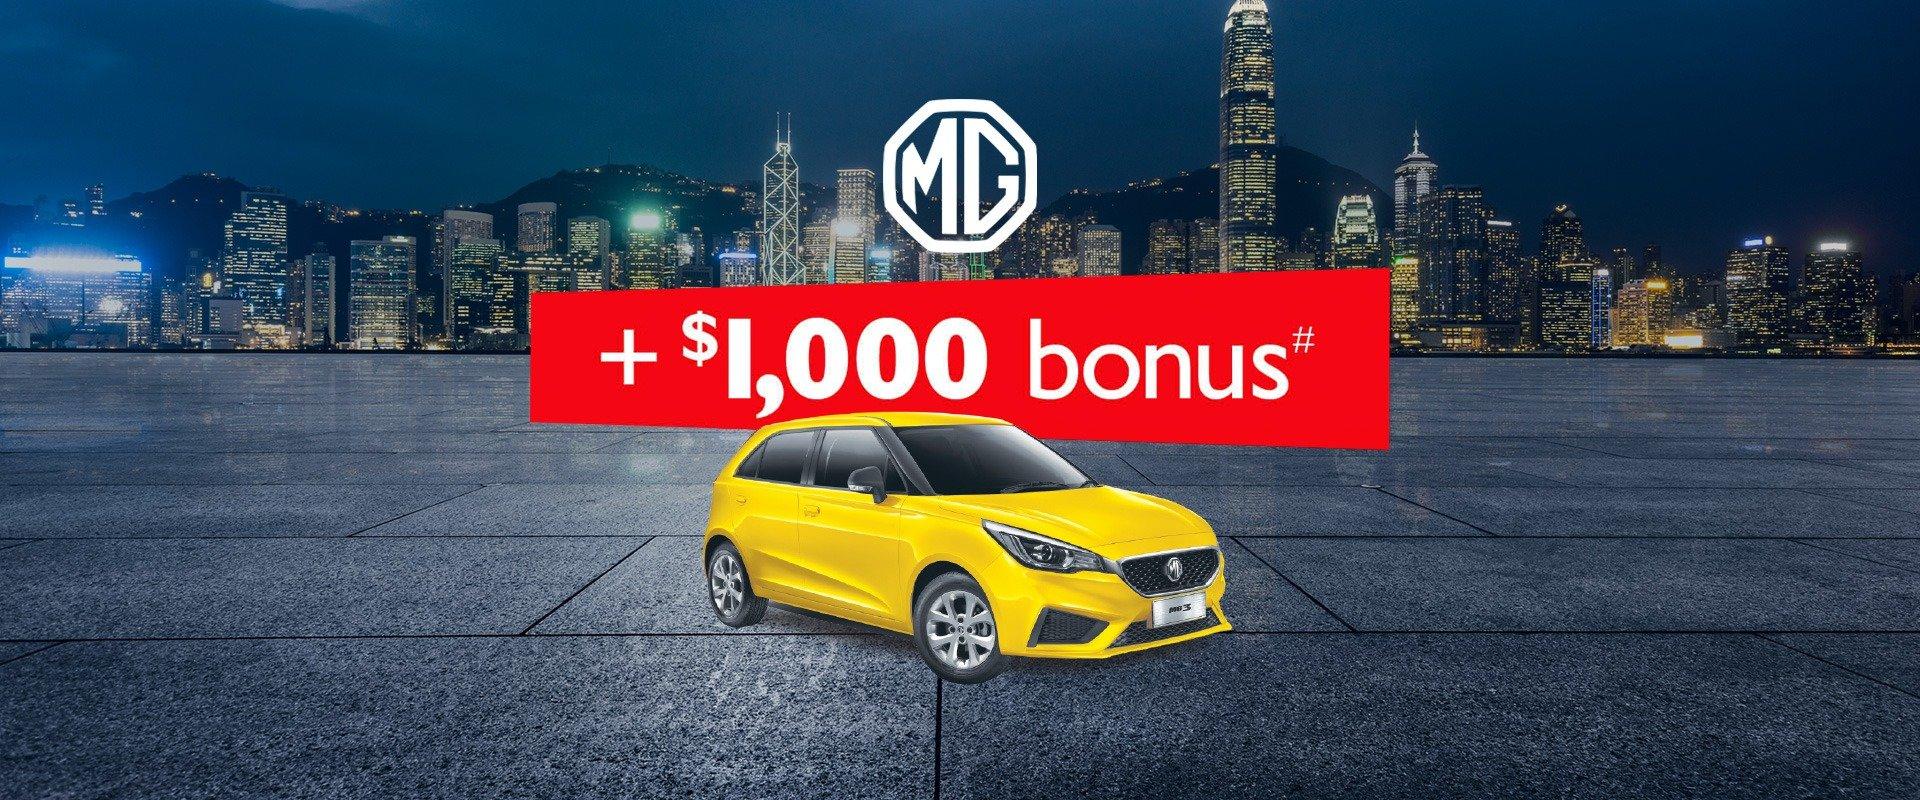 John Hughes MG $1000 Bonus#